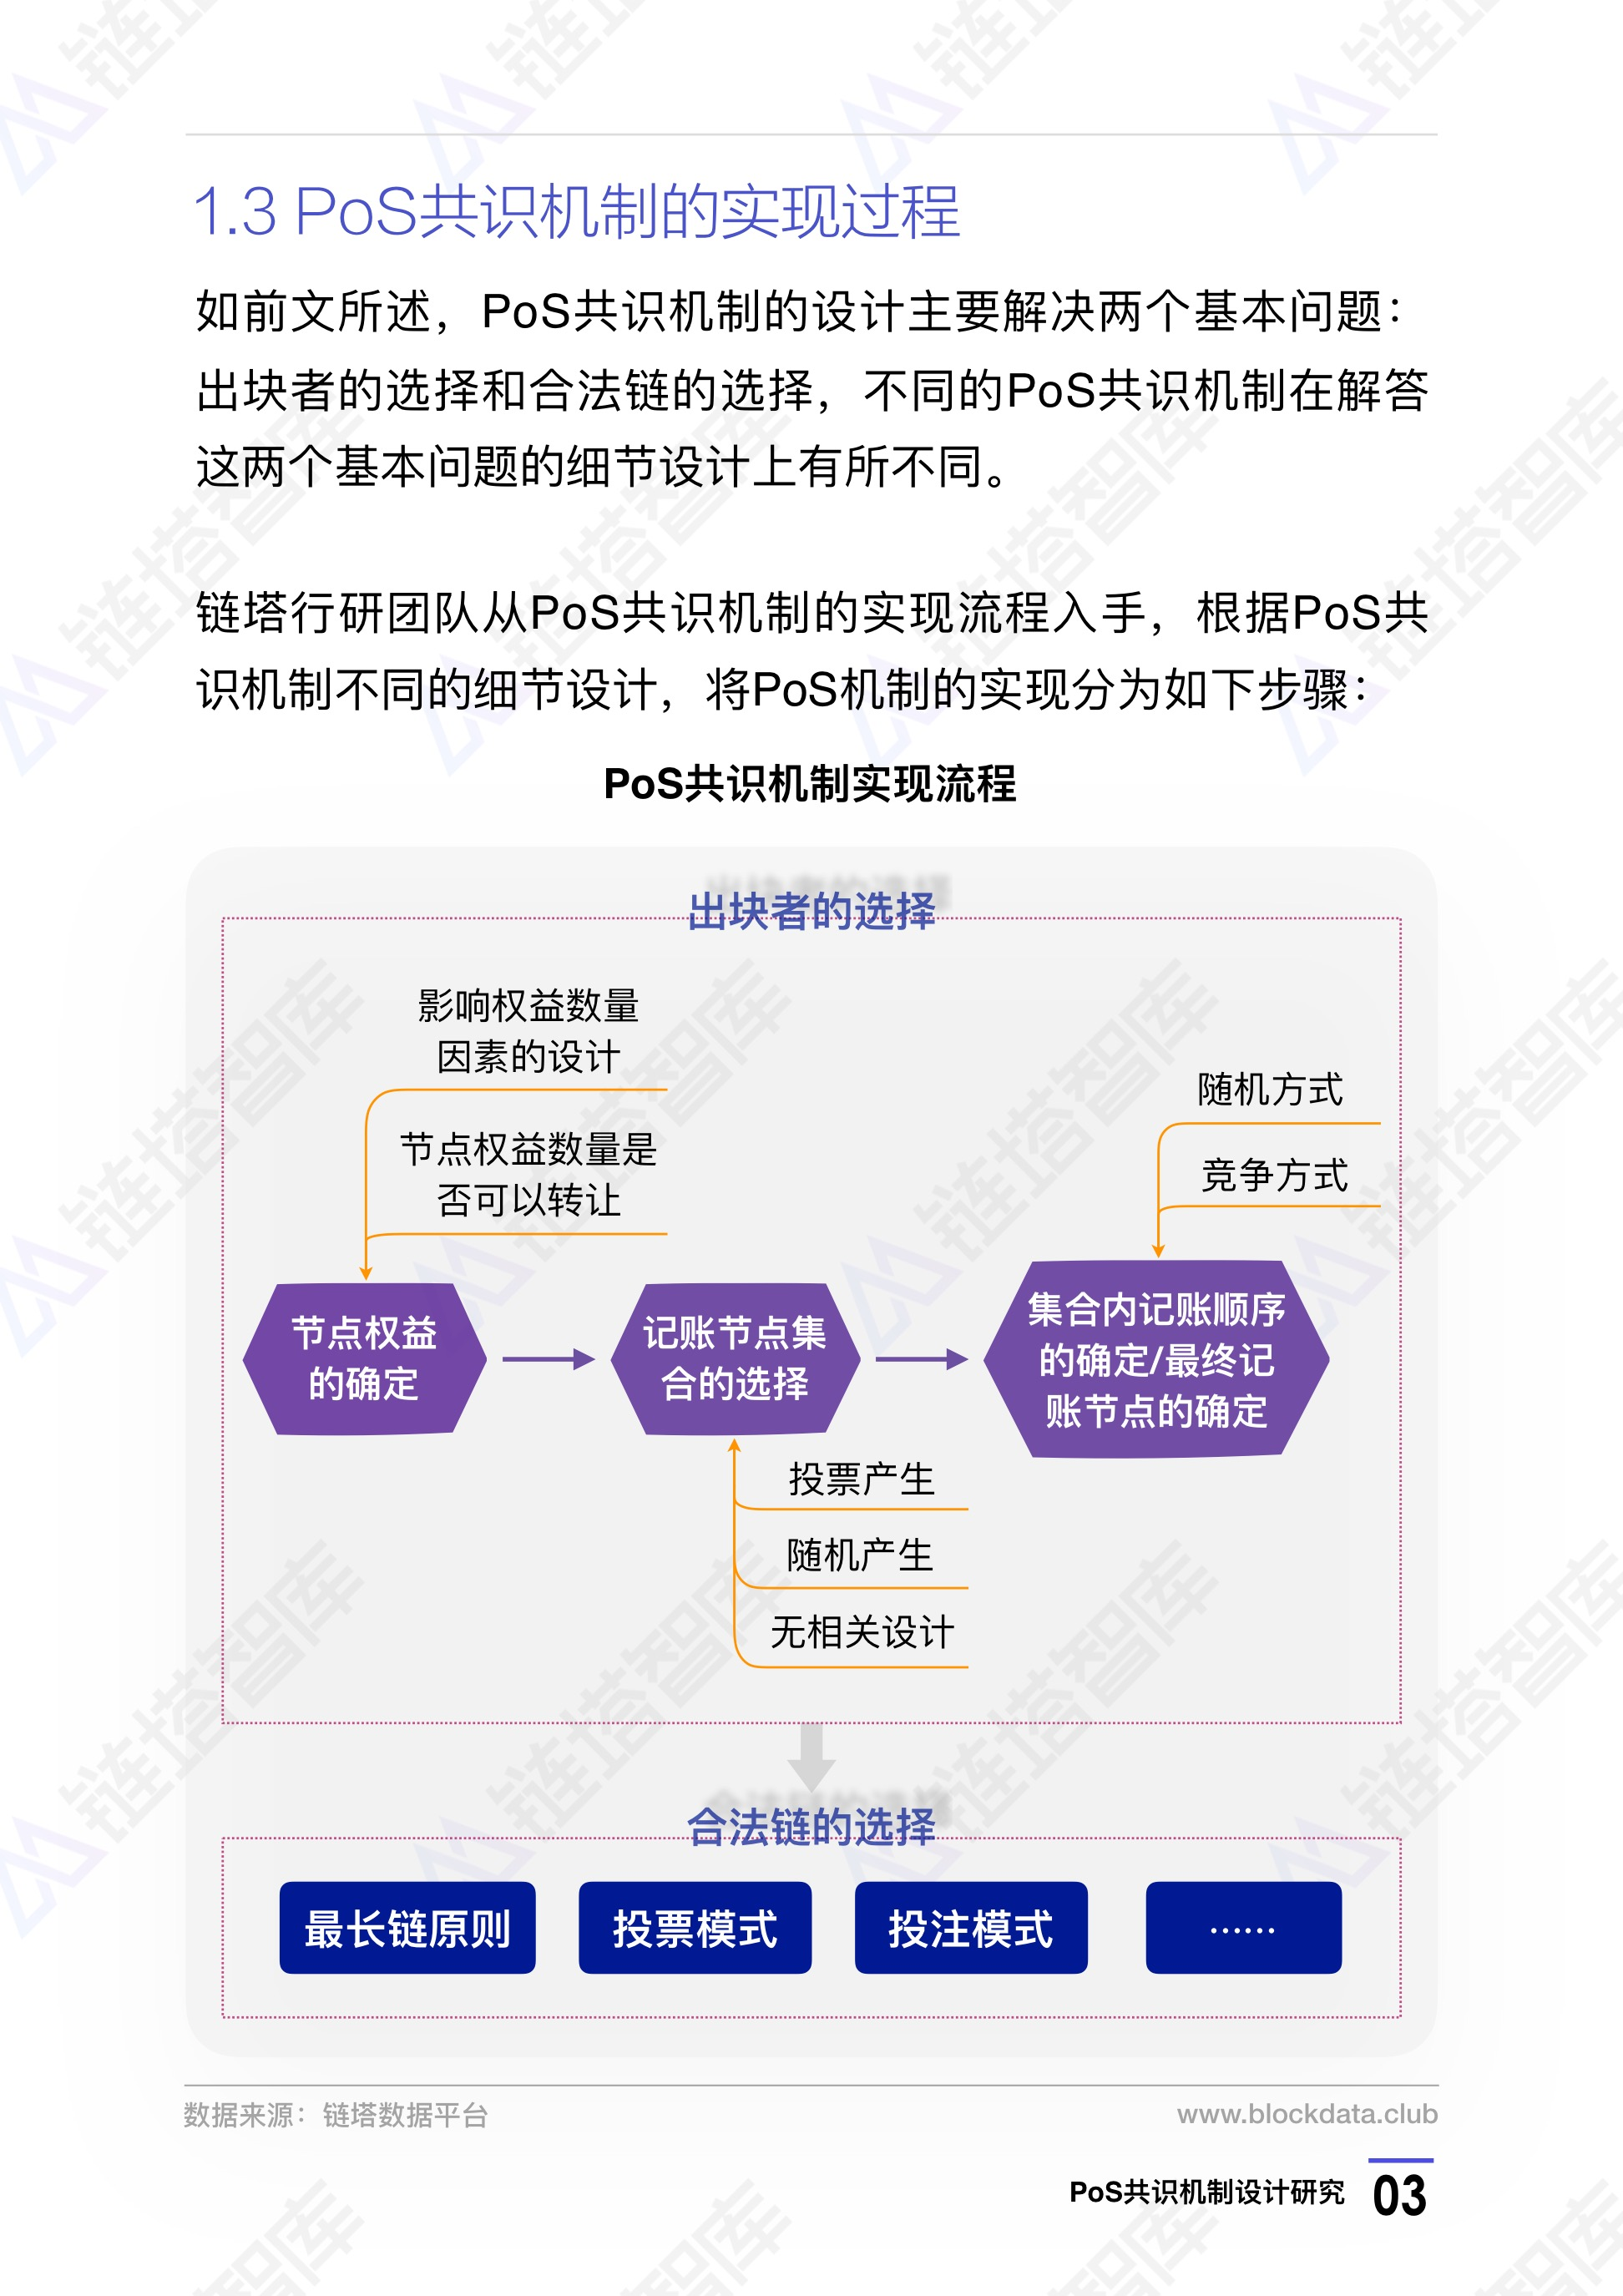 公链系列研究第二期:权益证明机制设计研究